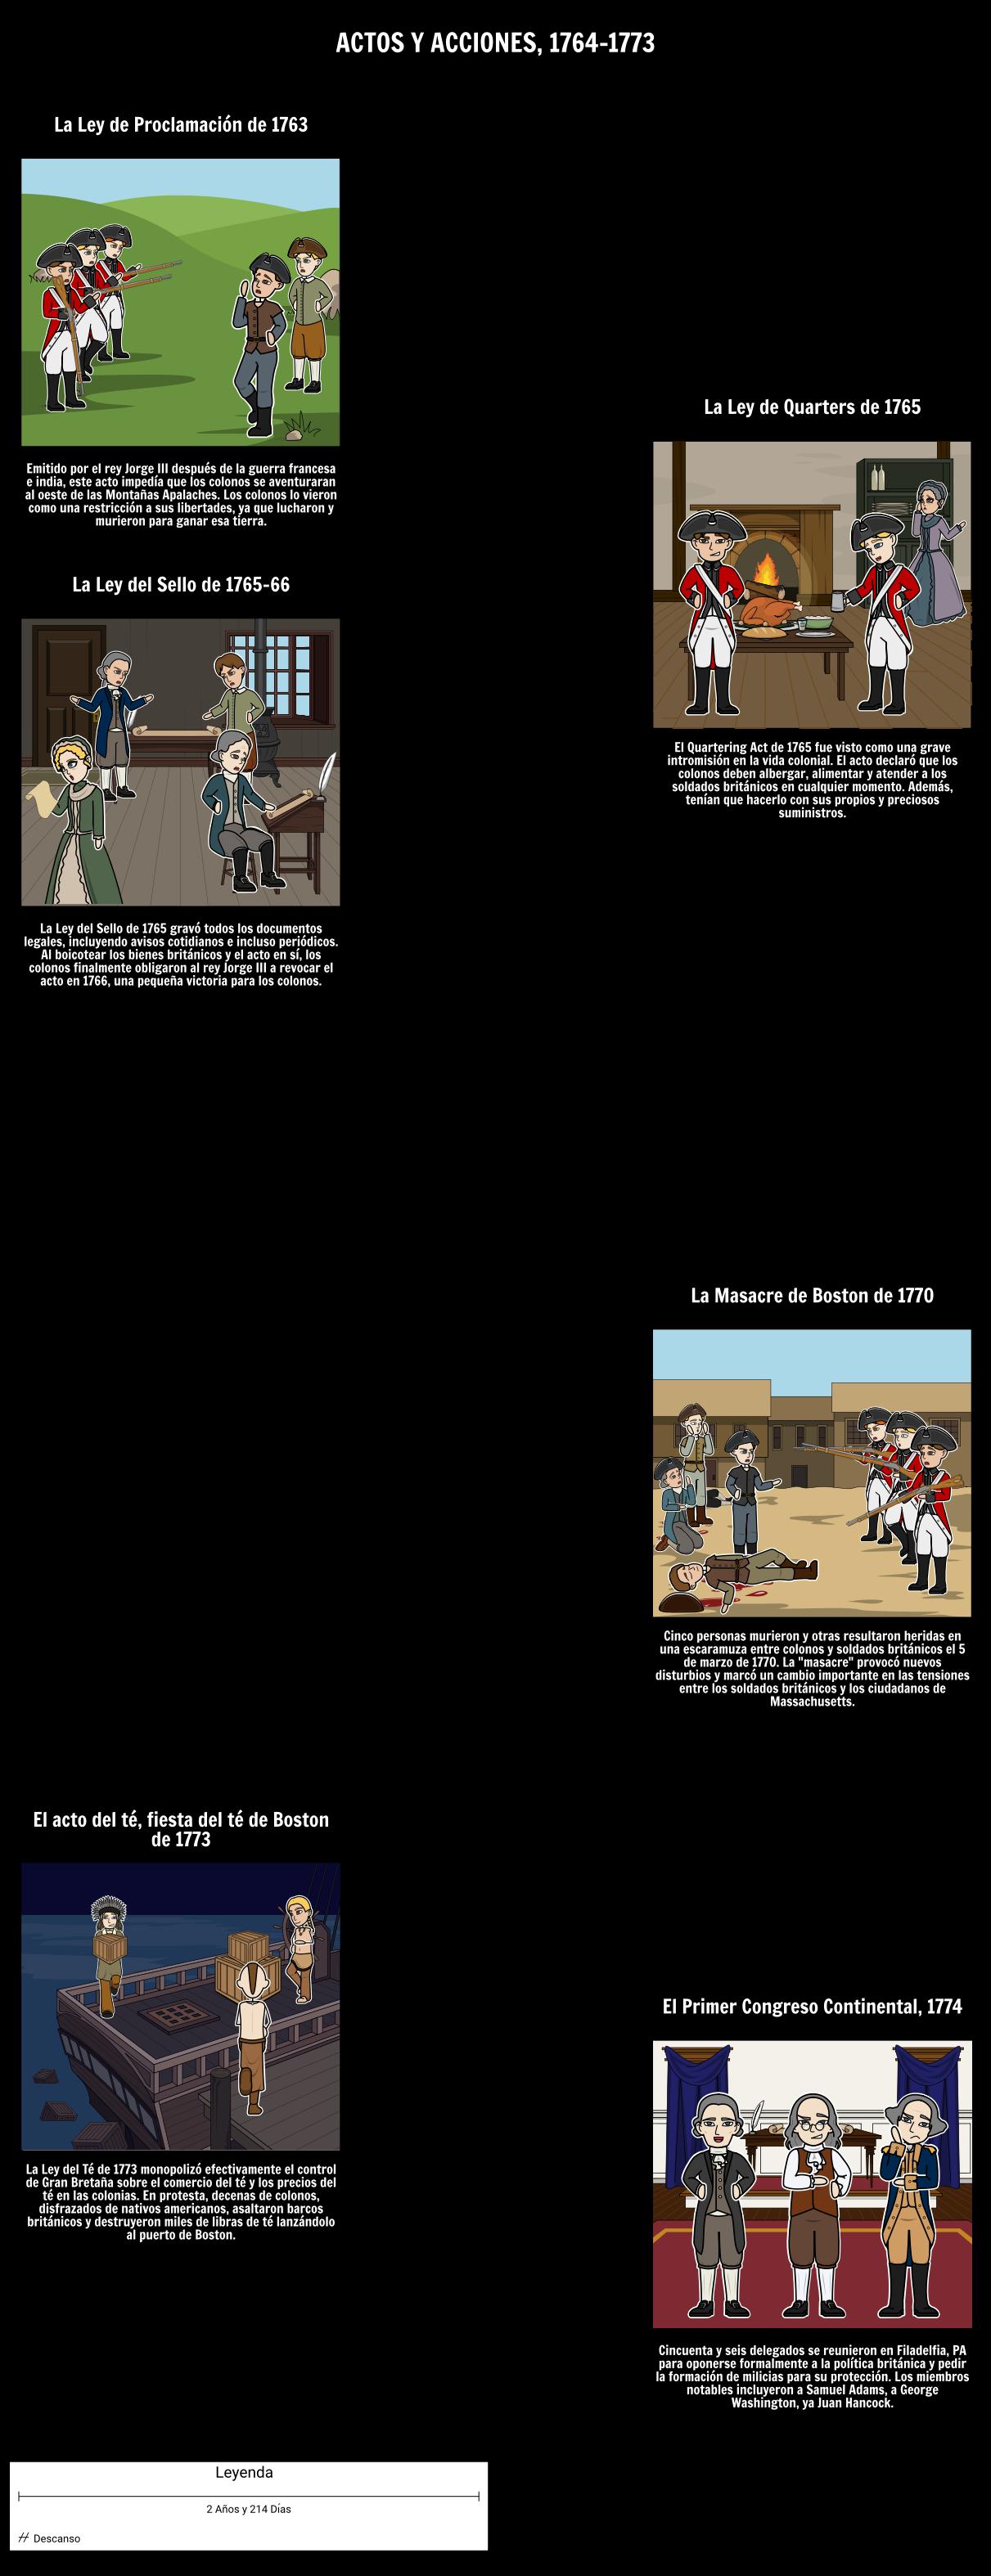 Actos y Acciones de las 13 Colonias: 1764-1773